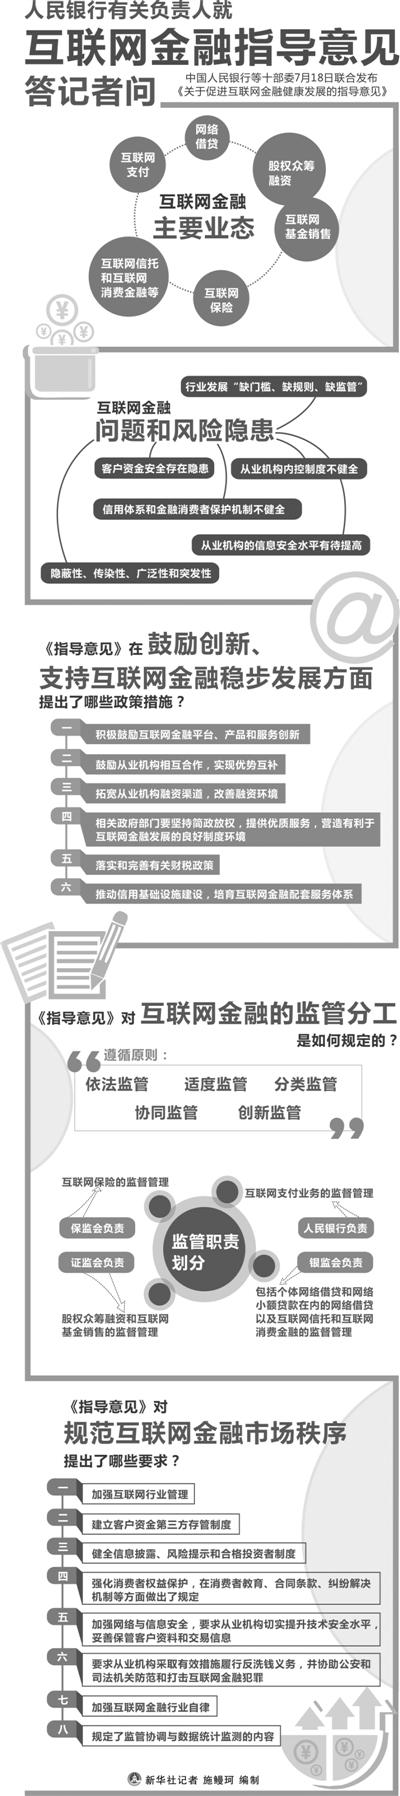 7月18日,《关于促进互联网金融健康发展的指导意见》正式对外发布。中国人民银行有关负责人就《指导意见》相关问题进行了解读。